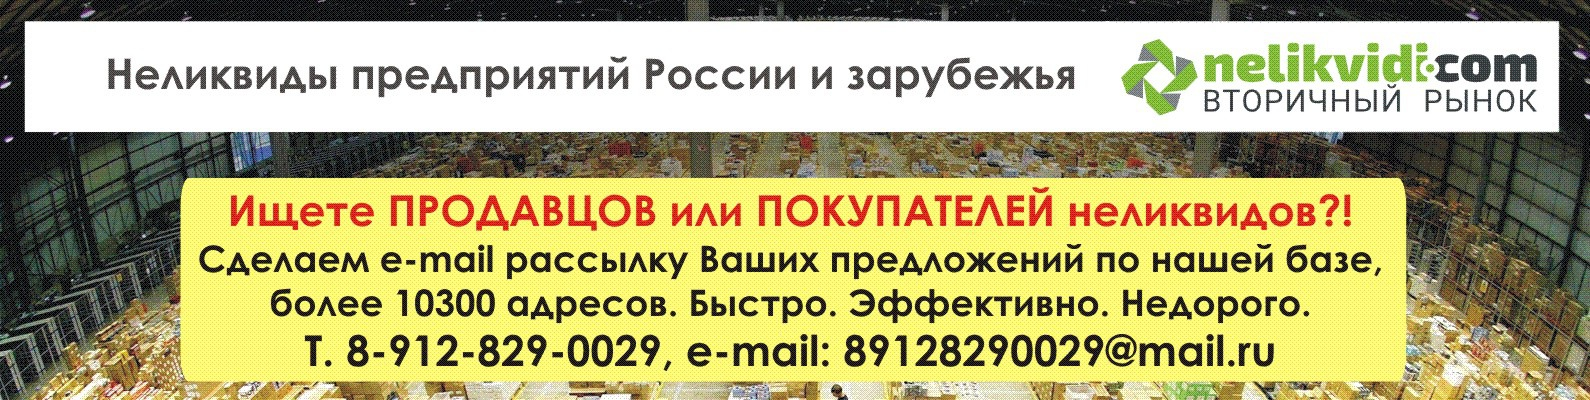 Частные объявления по продаже и покупке промышленного оборудования в г.саратов продажа готового бизнеса в владимире